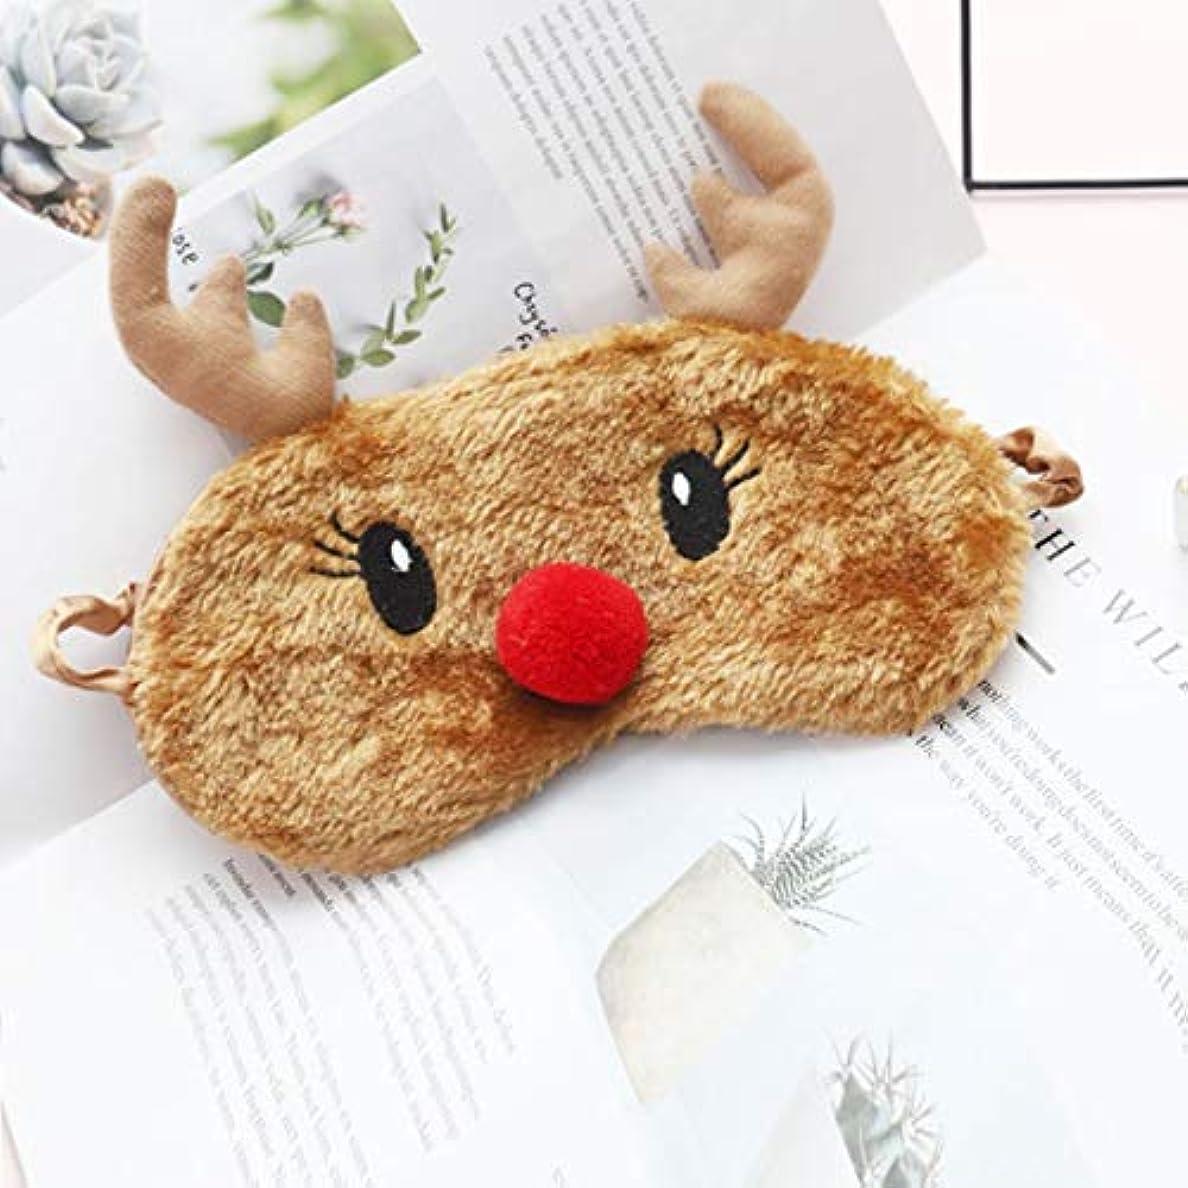 蛇行嫌な巡礼者Intercoreyトナカイアイブリンダーぬいぐるみ睡眠マスククリスマス用の調整可能な睡眠マスクかわいい動物睡眠アイマスク